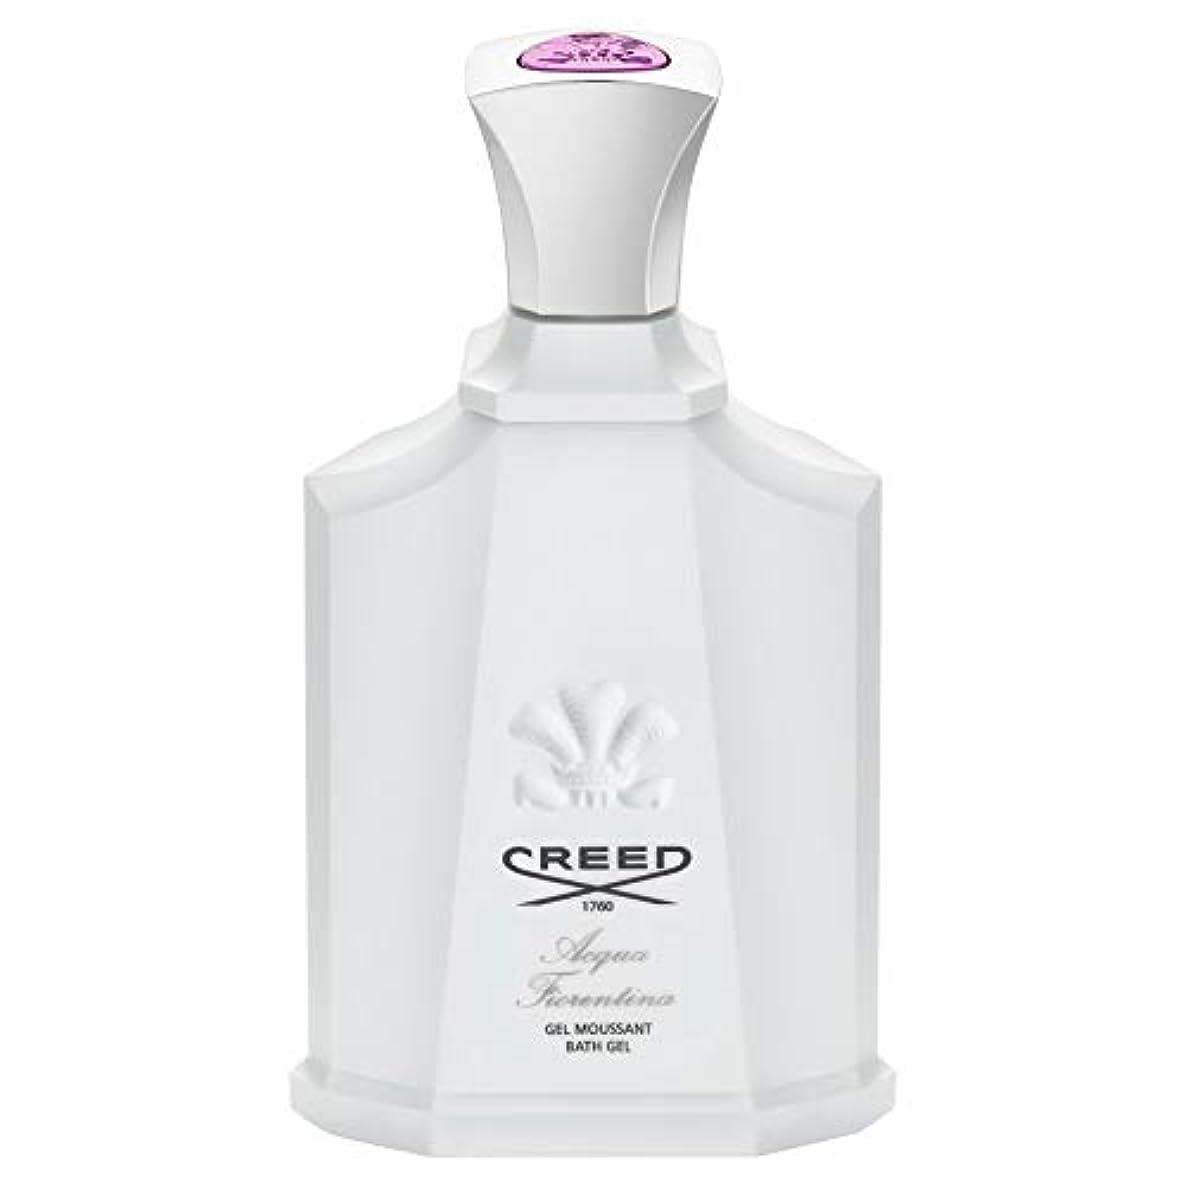 懸念おなかがすいた刺繍[CREED] 信条アクアフィオレンティーナシャワージェル200Ml - Creed Acqua Fiorentina Shower Gel 200ml [並行輸入品]